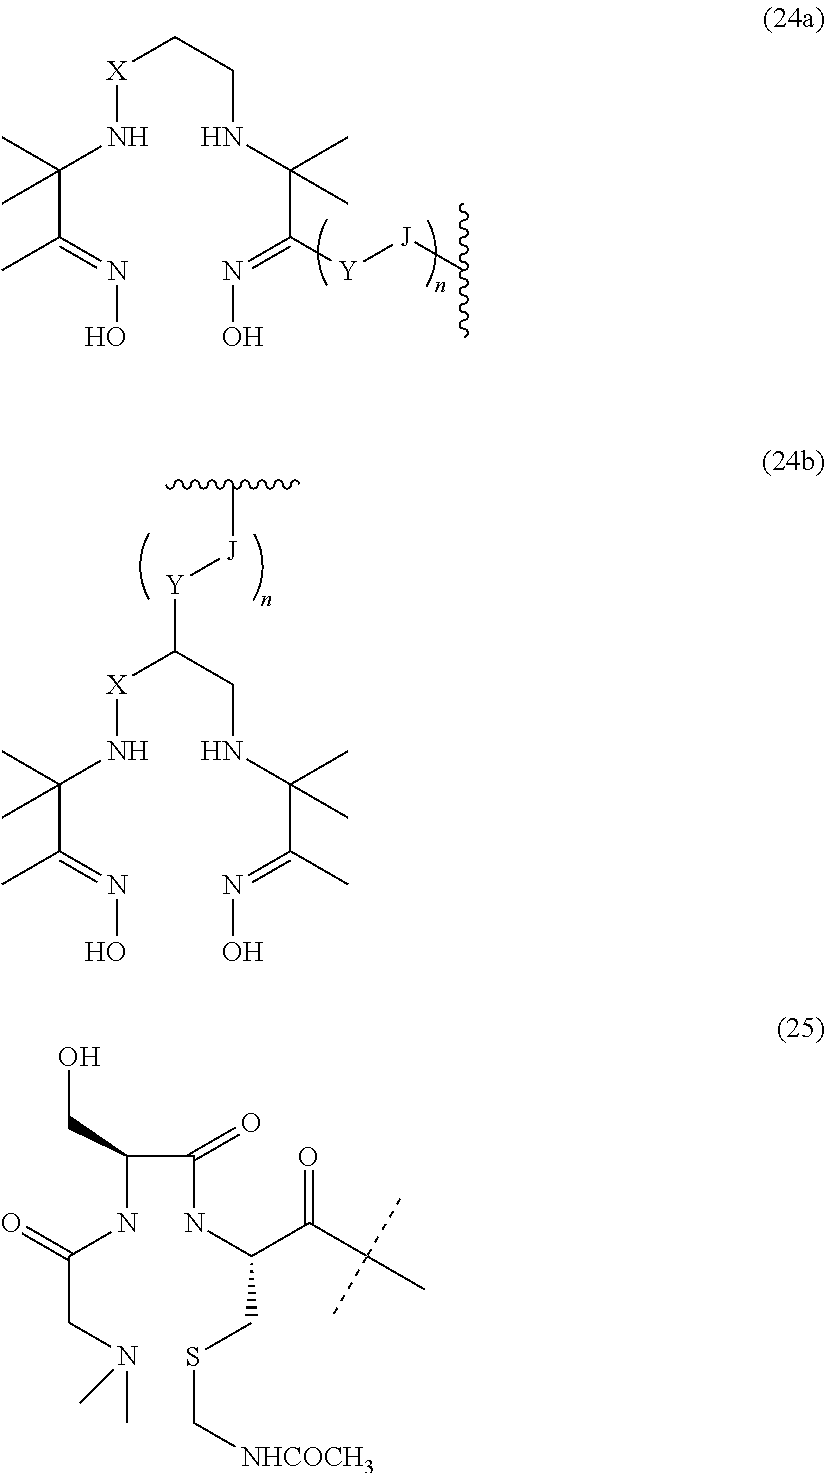 Figure US08663603-20140304-C00016